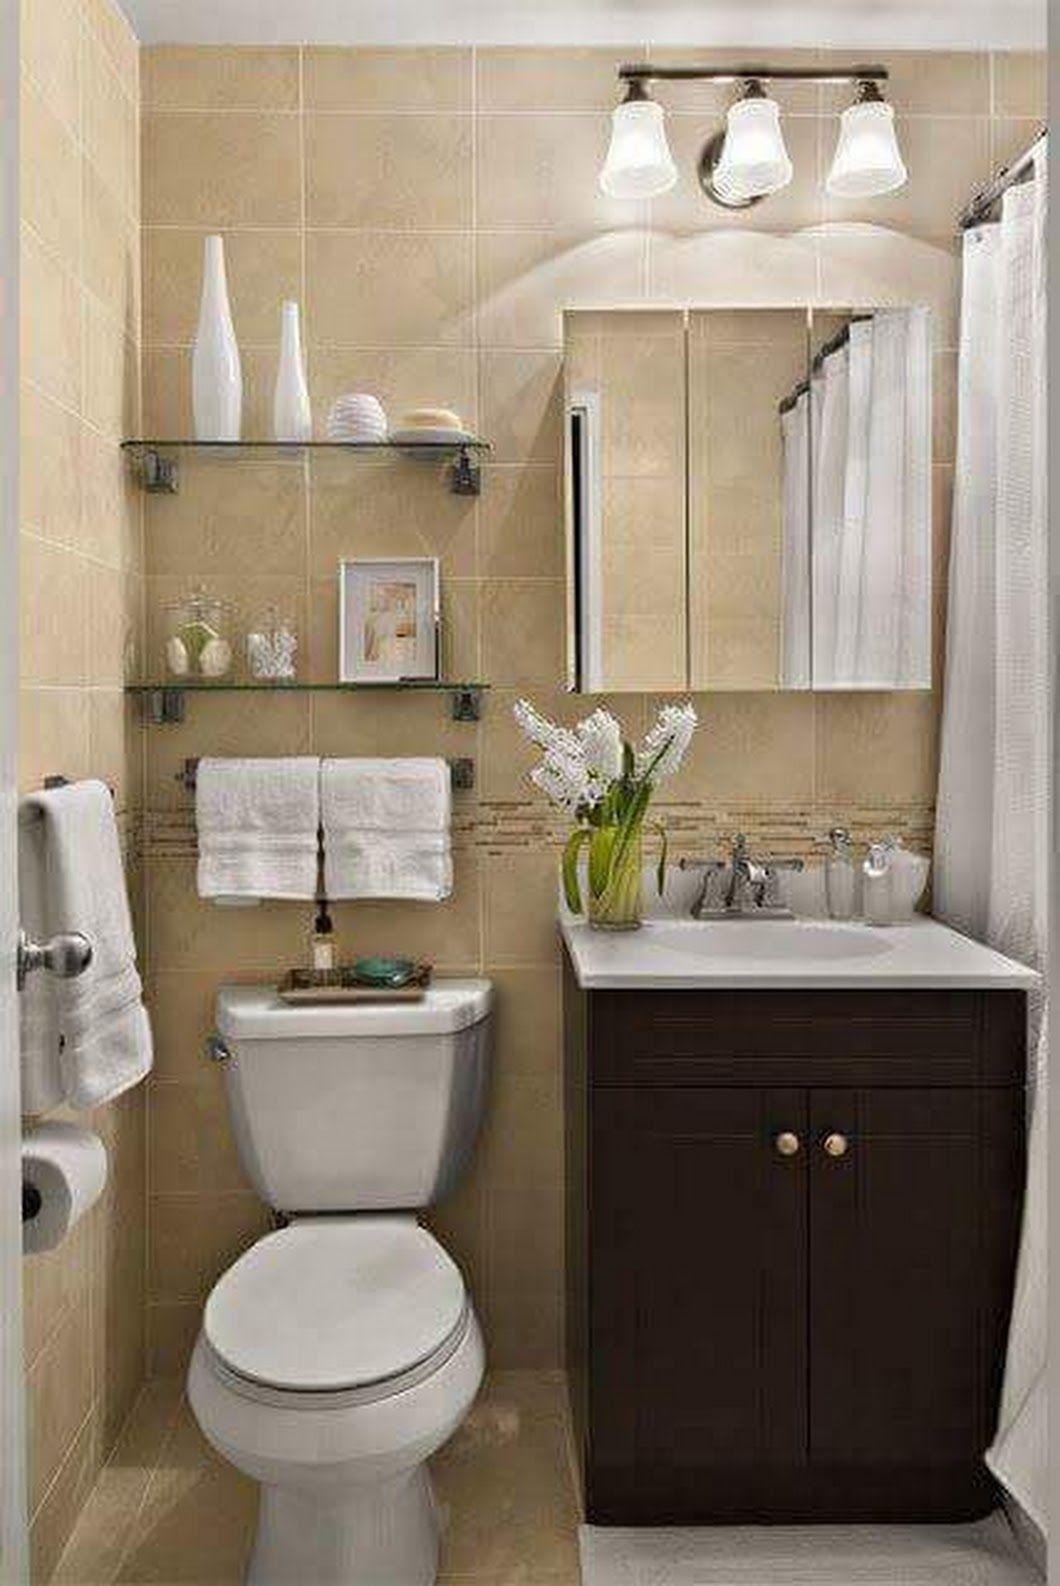 3er..Baño este tiene una decoración simple para baños pequeños pero ...